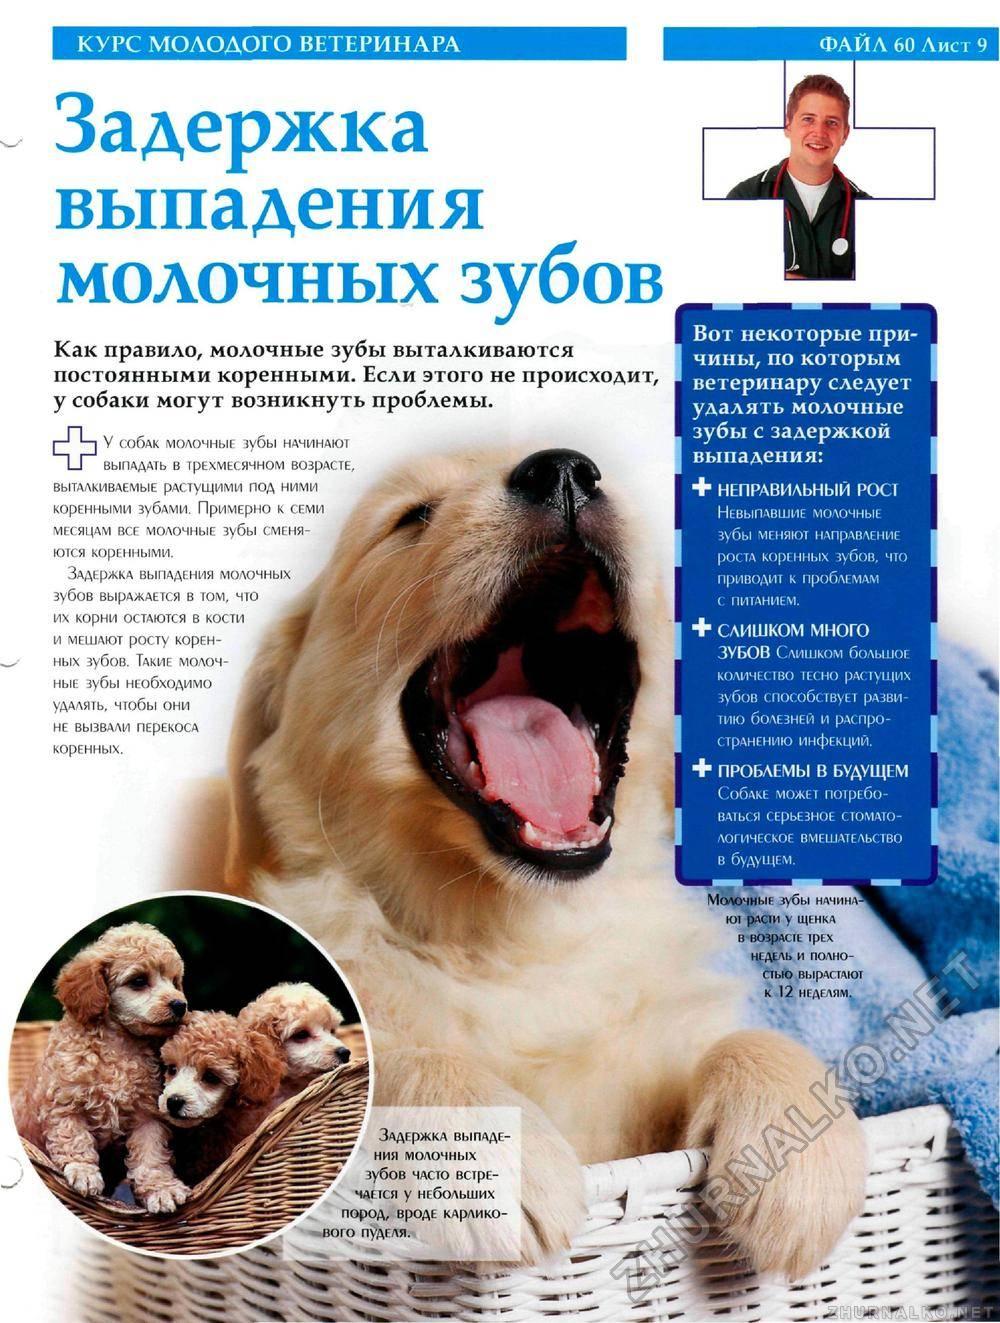 Смена молочных зубов у щенков: во сколько месяцев меняются, симптомы, схема смены